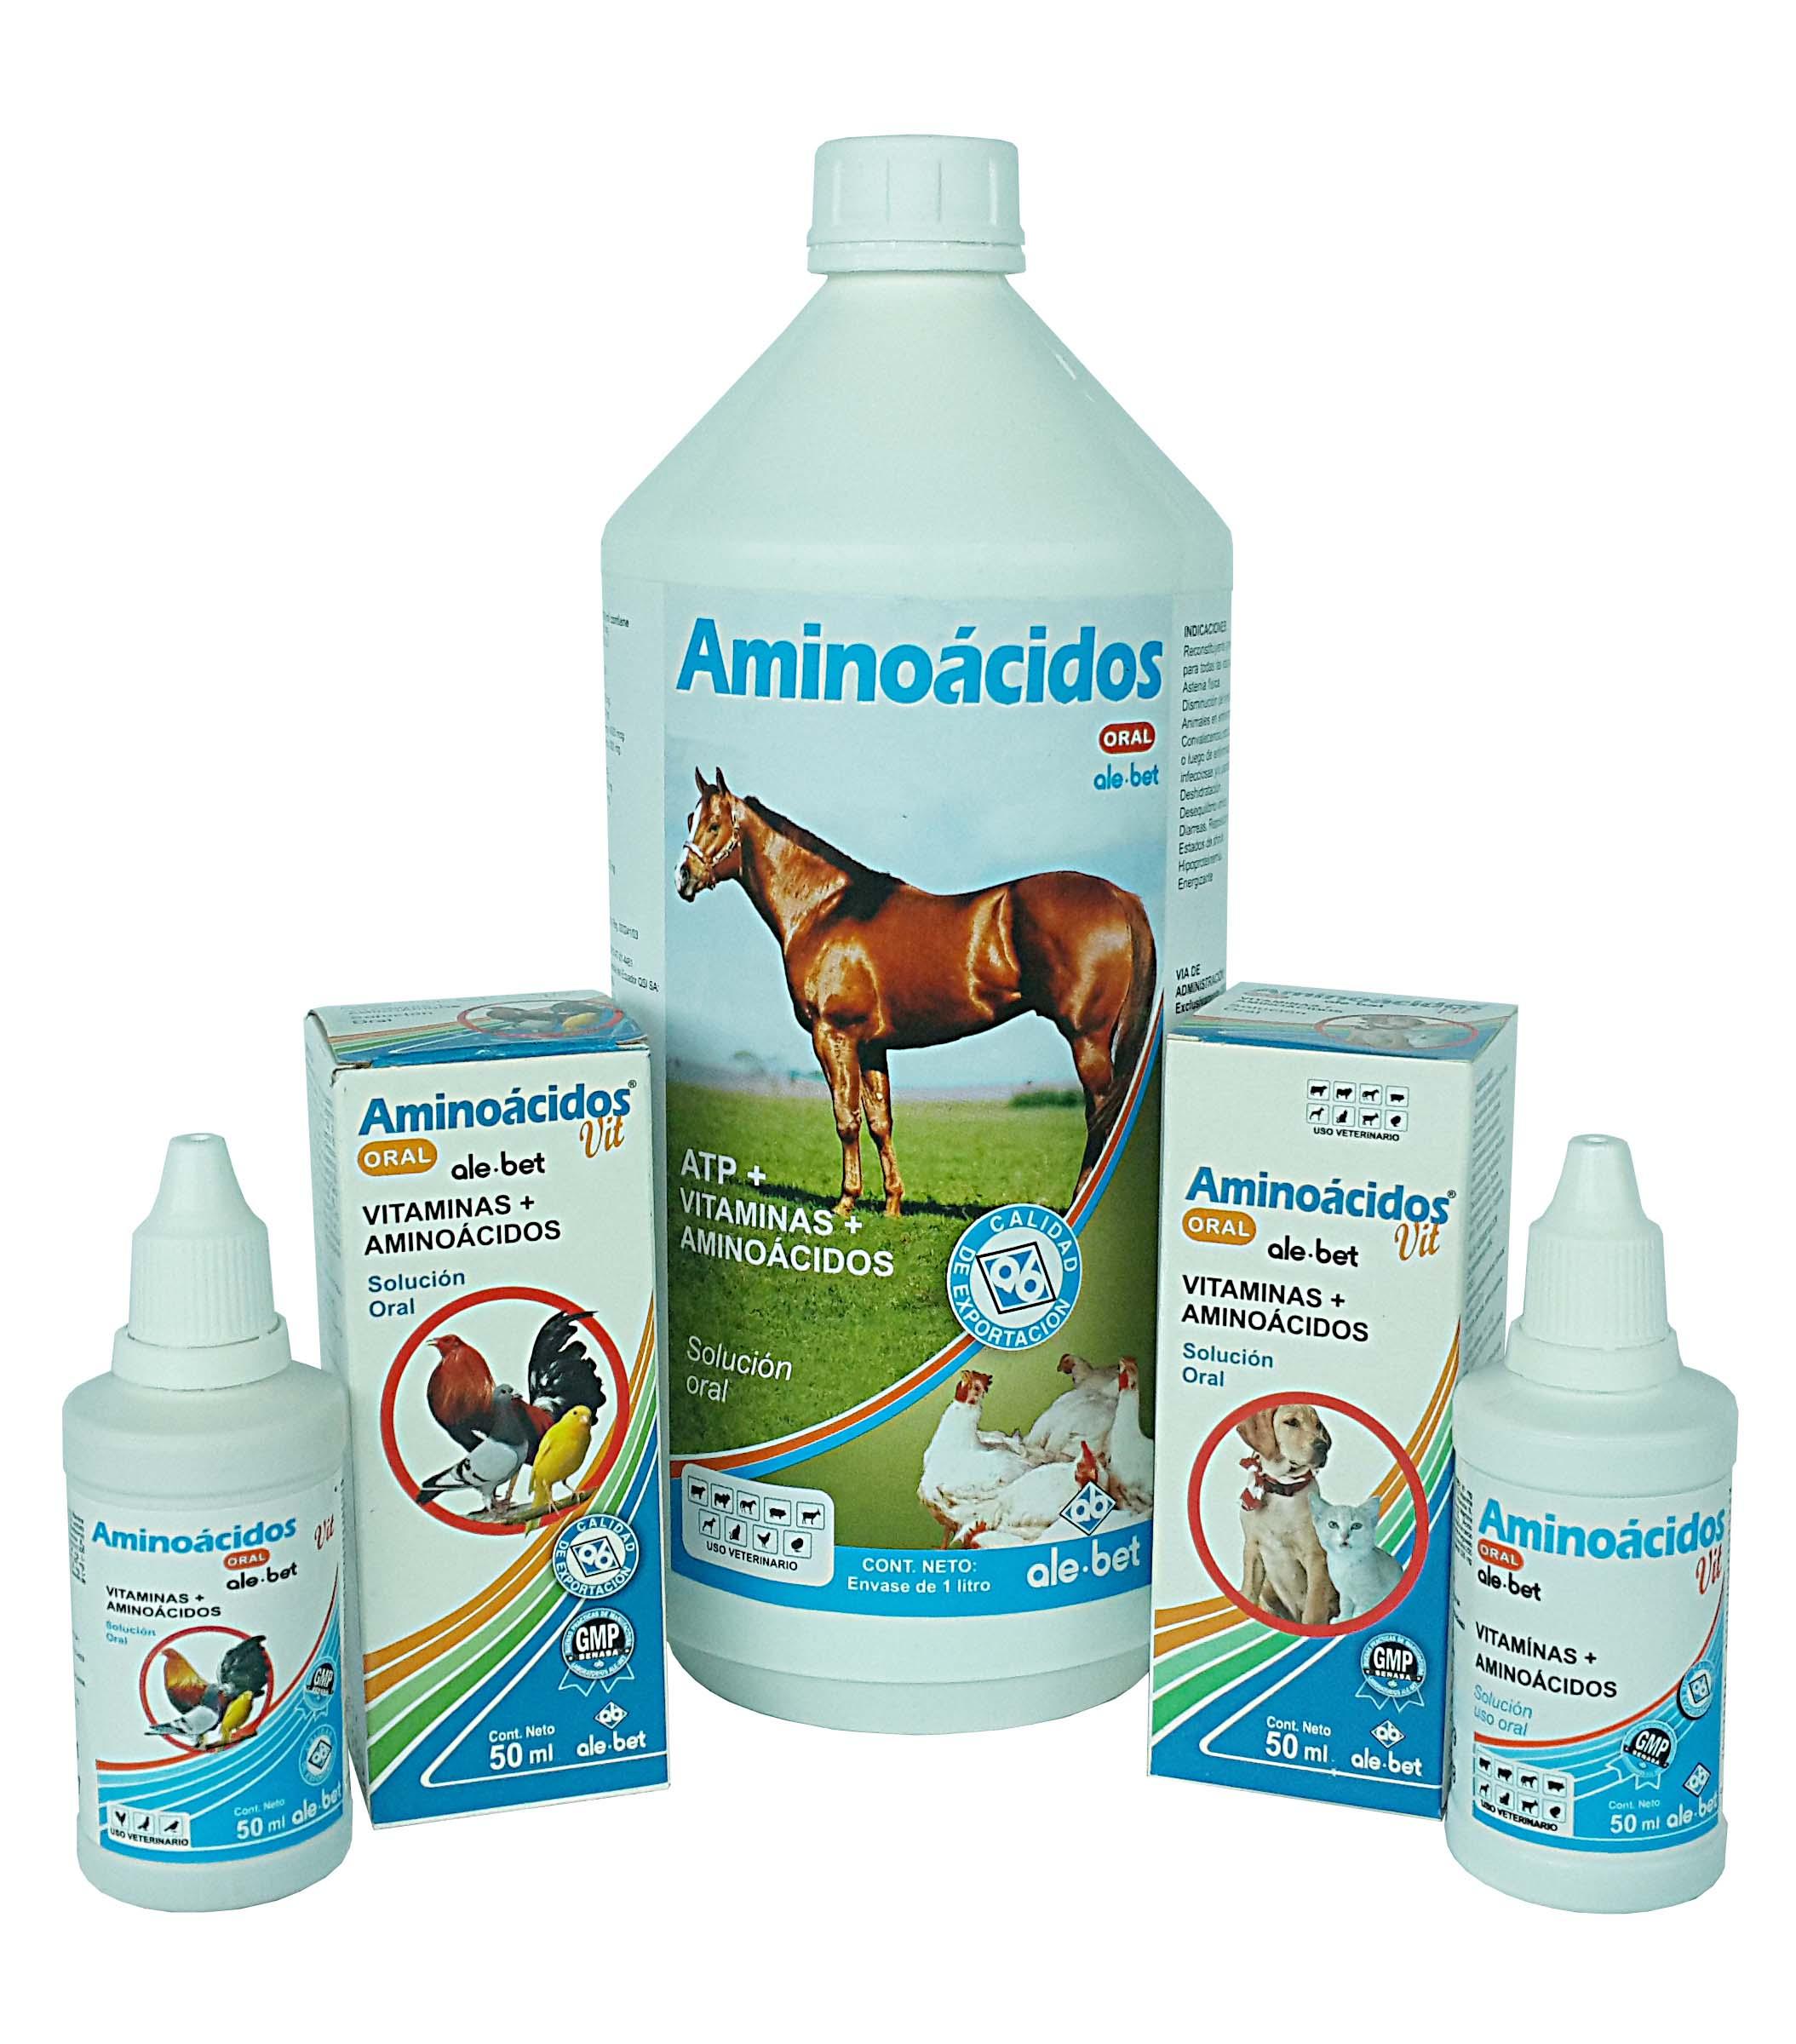 Aminoácidos orales